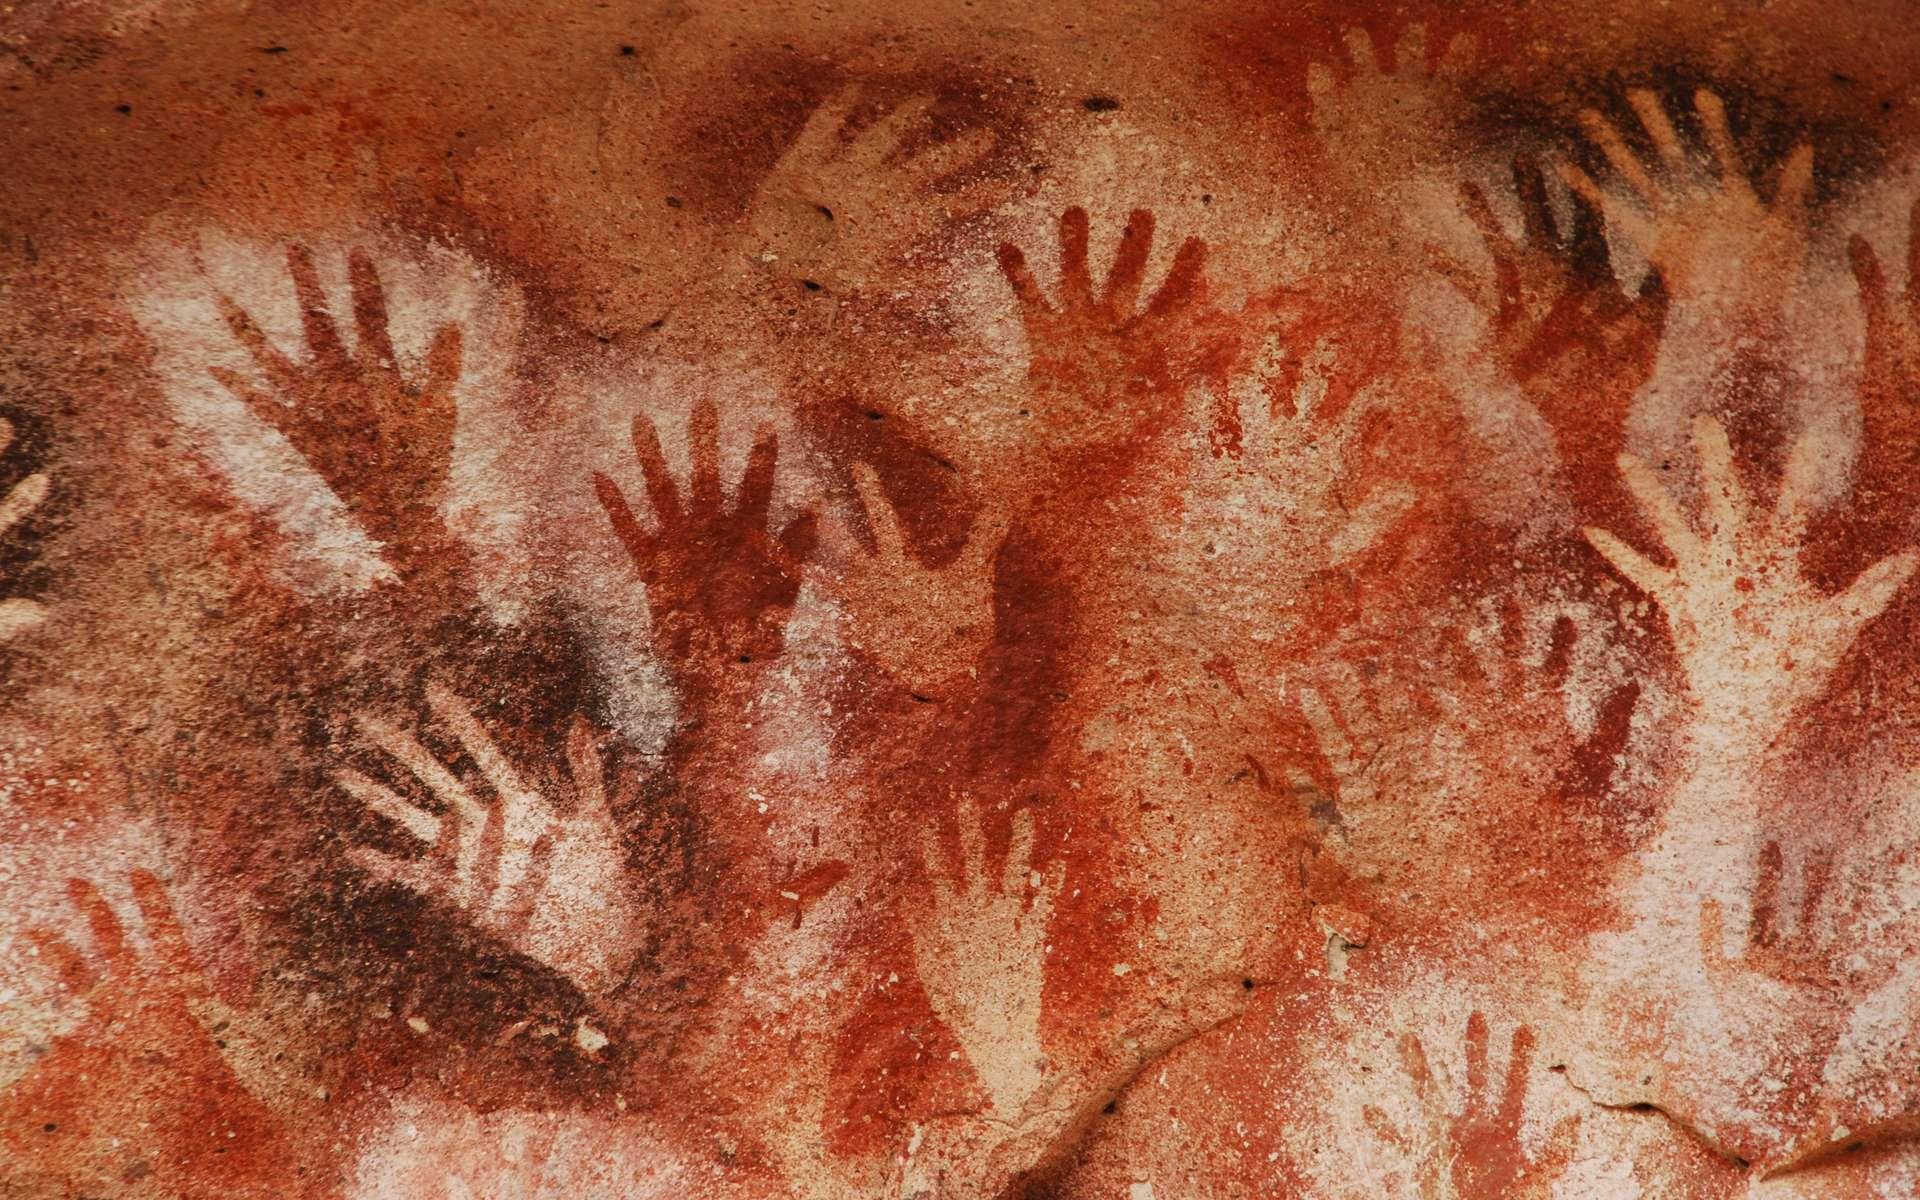 Les mains sont souvent présentes dans les peintures rupestres. Les archéologues en ont trouvé sur les parois de La Serrania de La Lindosa. Ici, la Cueva de las Manos, en Argentine. © alphacero, Adobe Stock